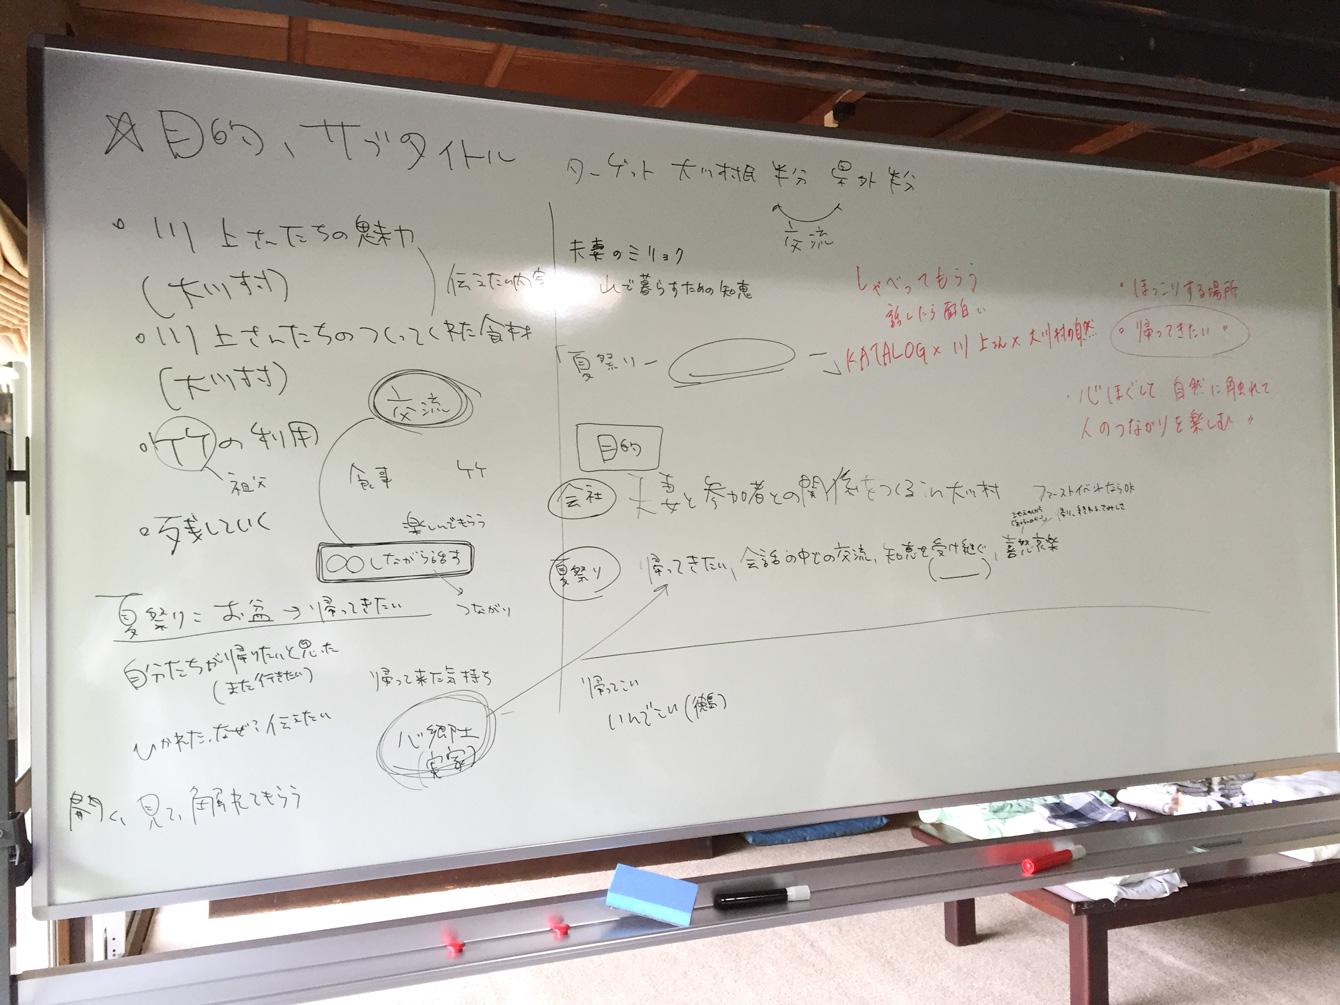 大川村イベントのアイデアをチームでまとめていく。